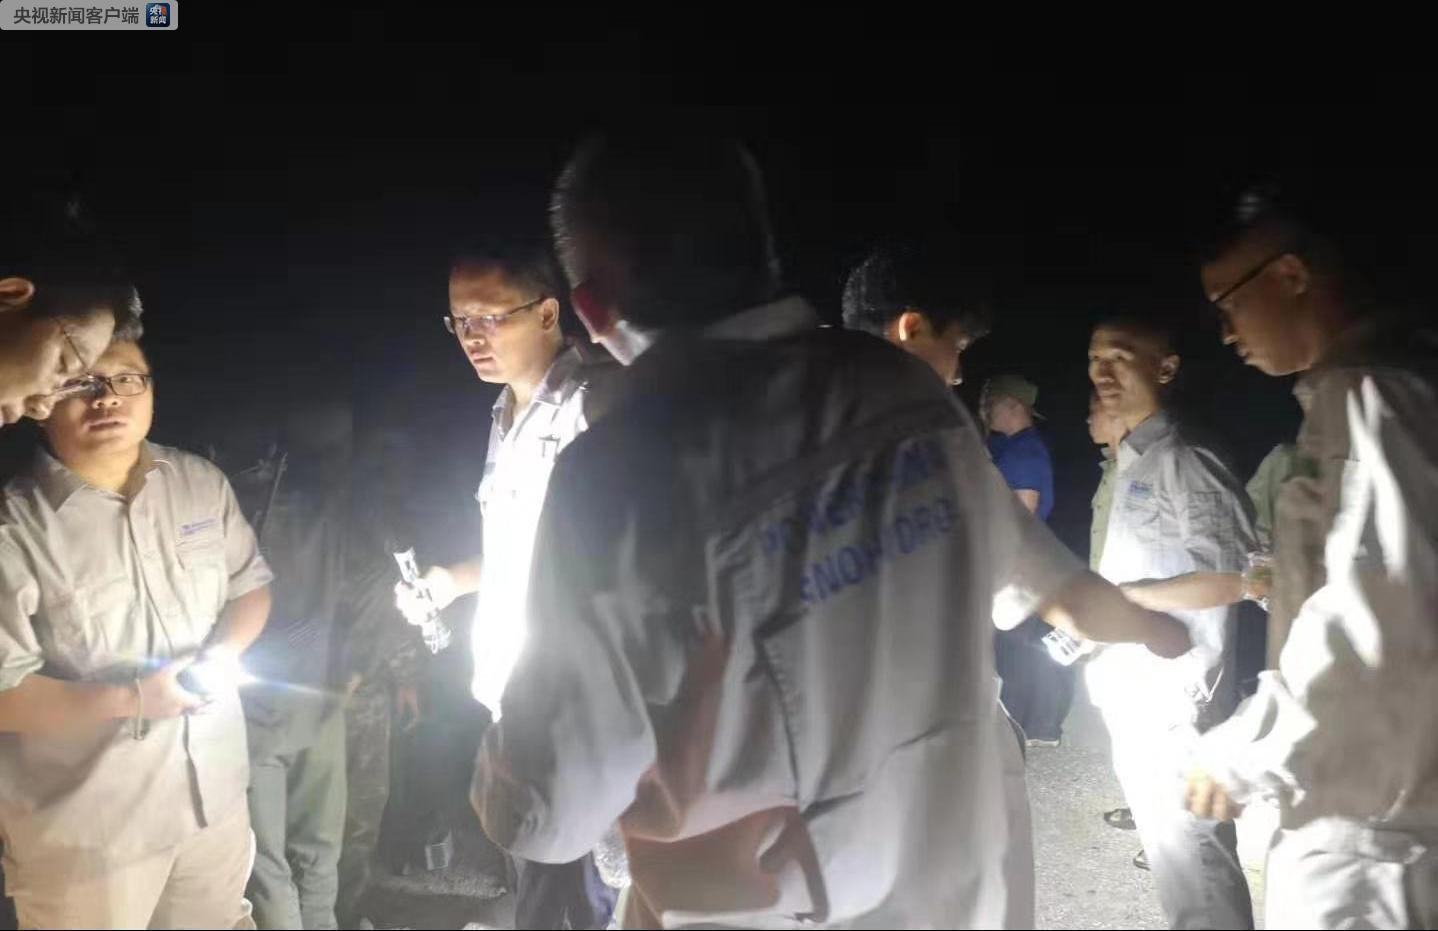 中国旅行团在老挝发生严重车祸 事故已造成14人遇难